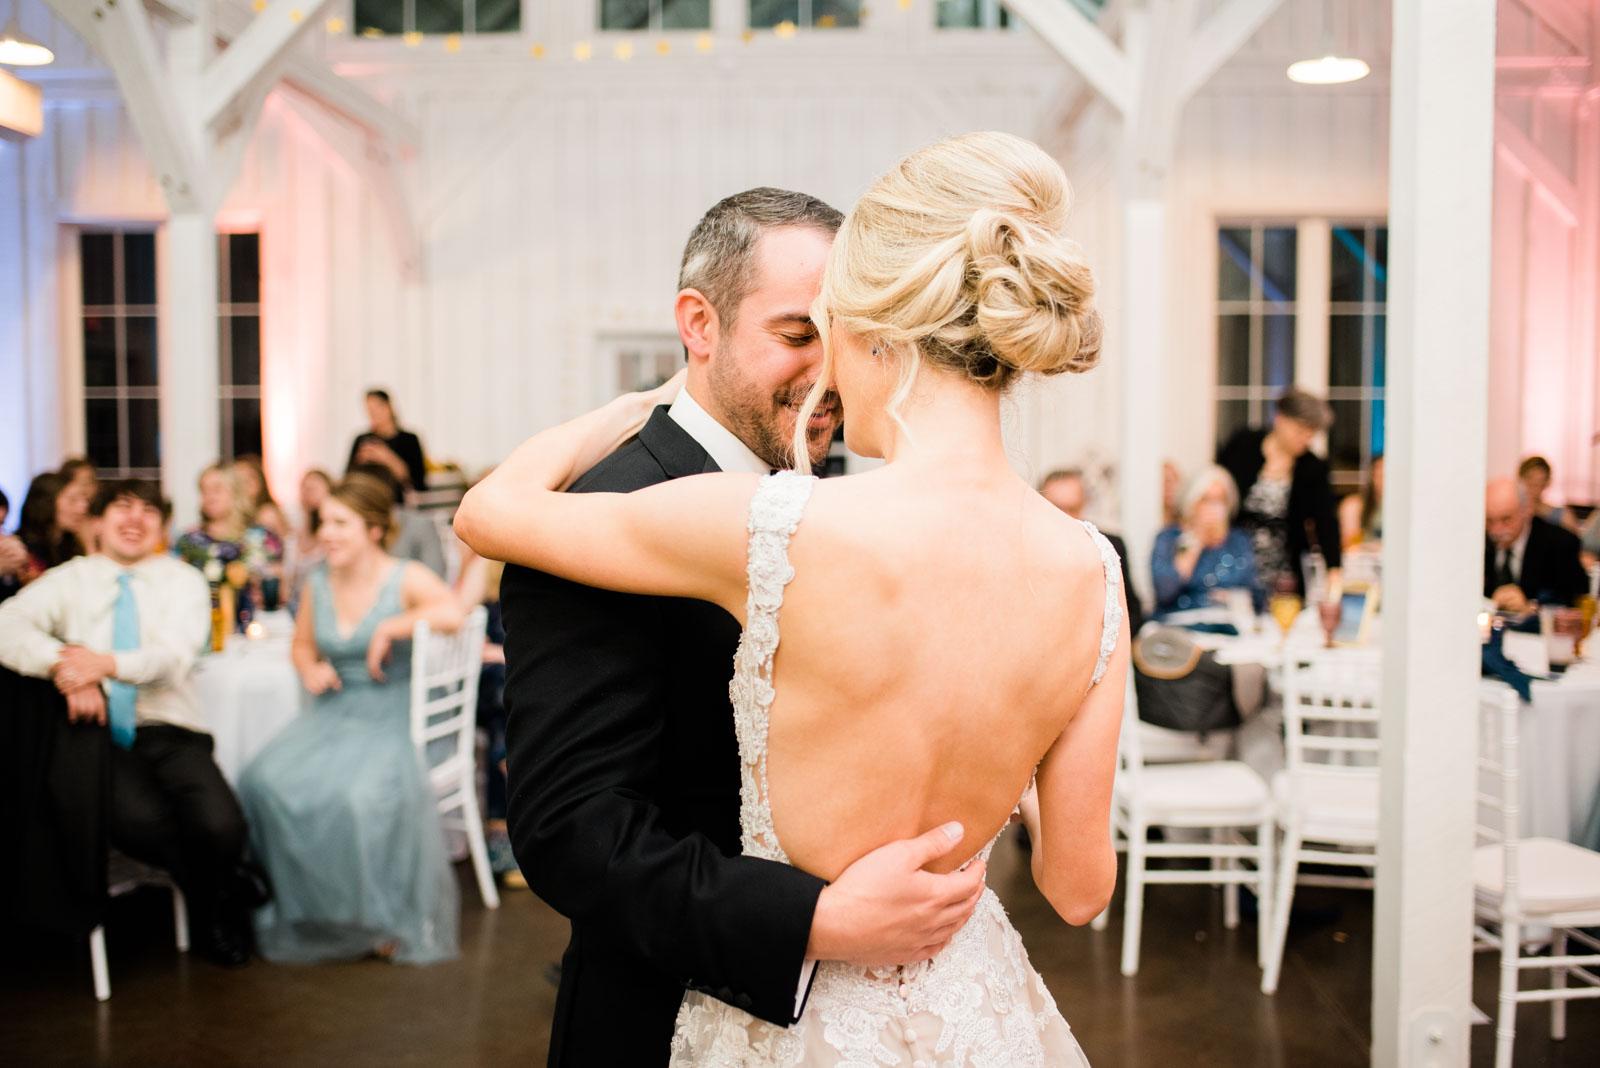 Aurora+Farms+Wedding+in+Greenville,+SC+Markie+Walden+Photography-108.jpg